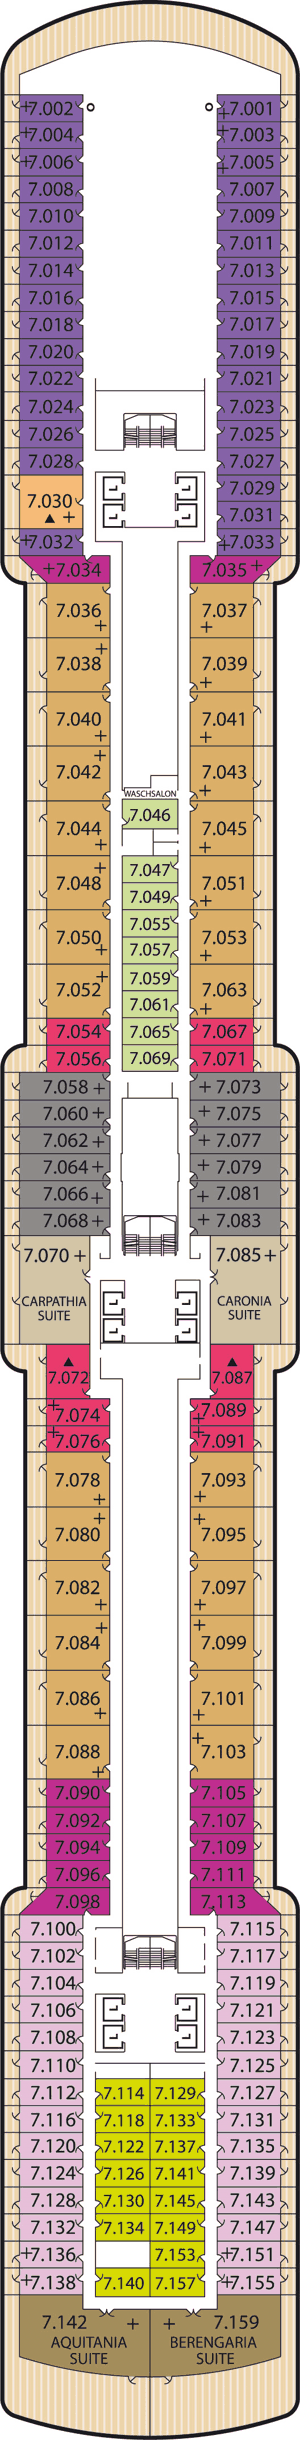 Queen Victoria - Deck 7